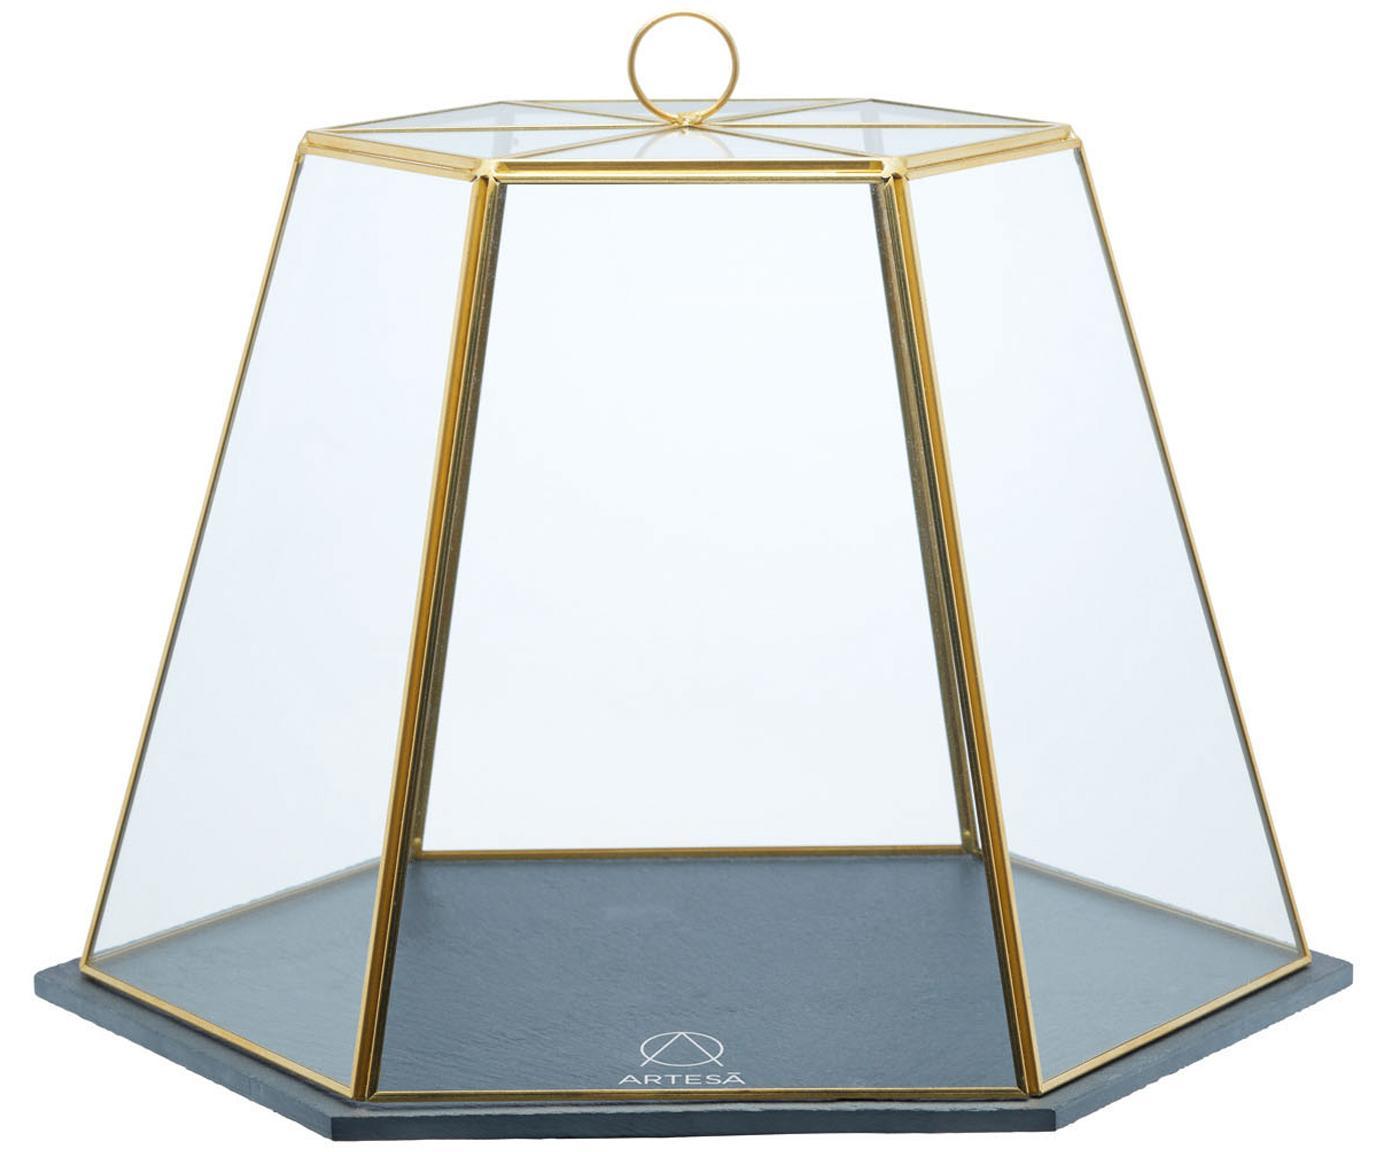 Campana Artesa, Pizarra, vidrio, metal, Dorado, transparente, negro, An 31 x Al 25 cm